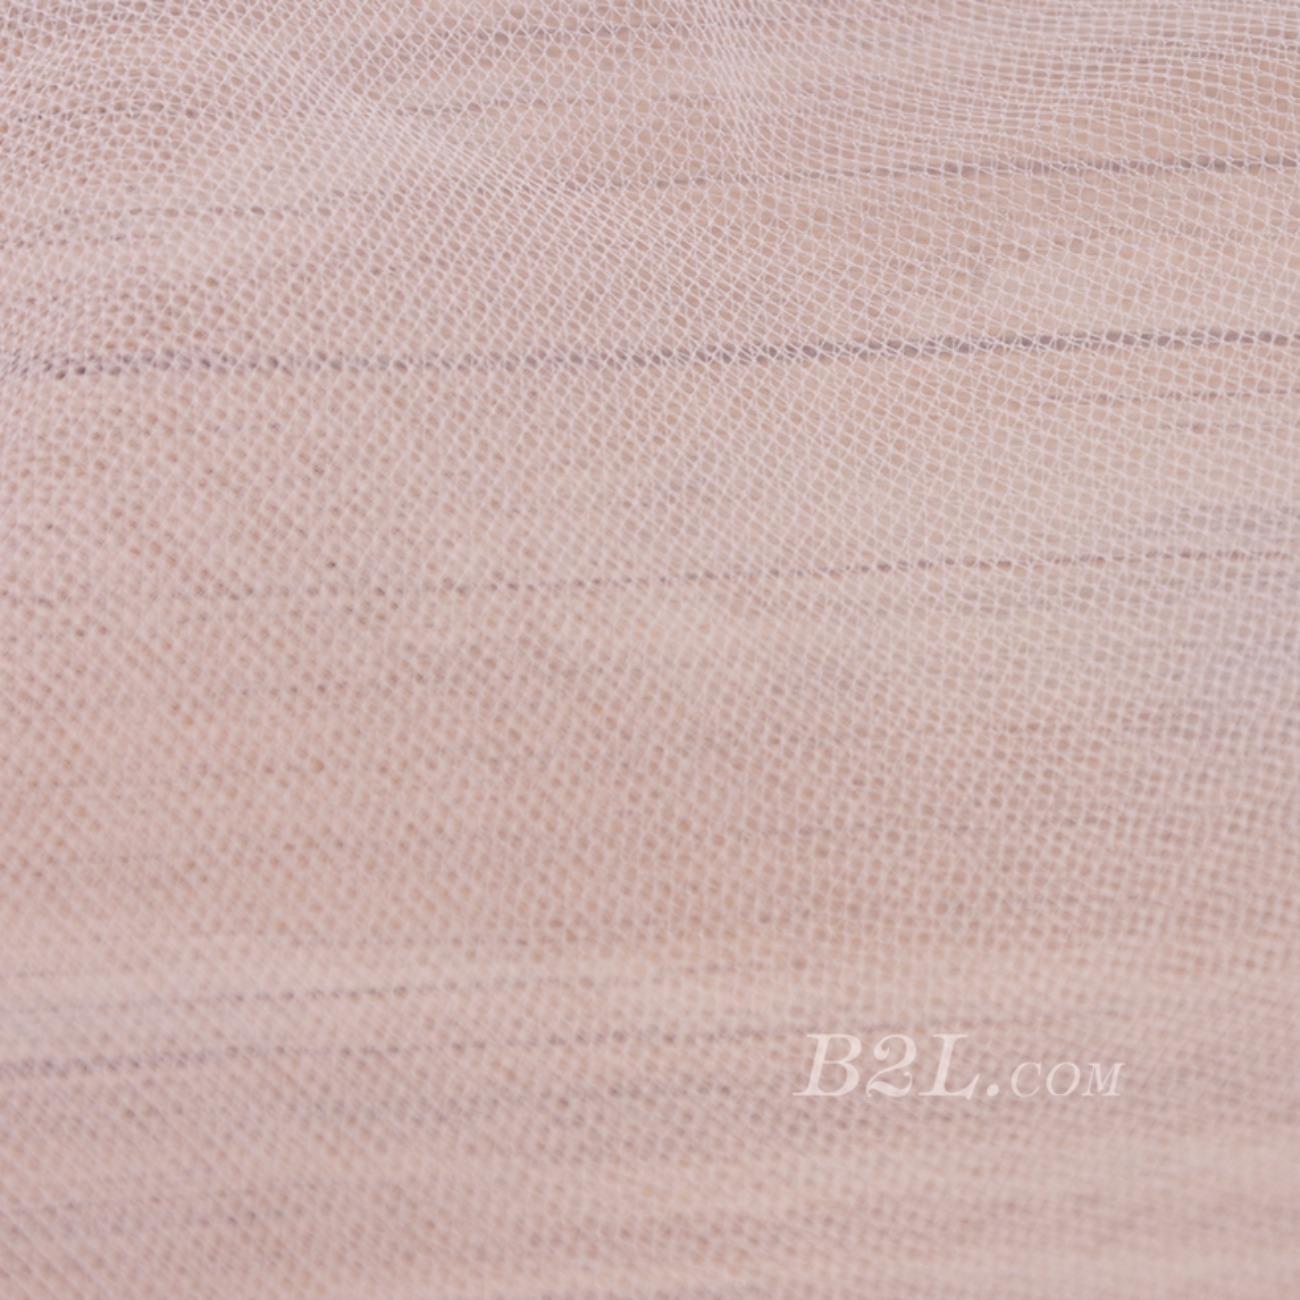 针织染色素色网布面料-春夏运动服里布面料80112-2